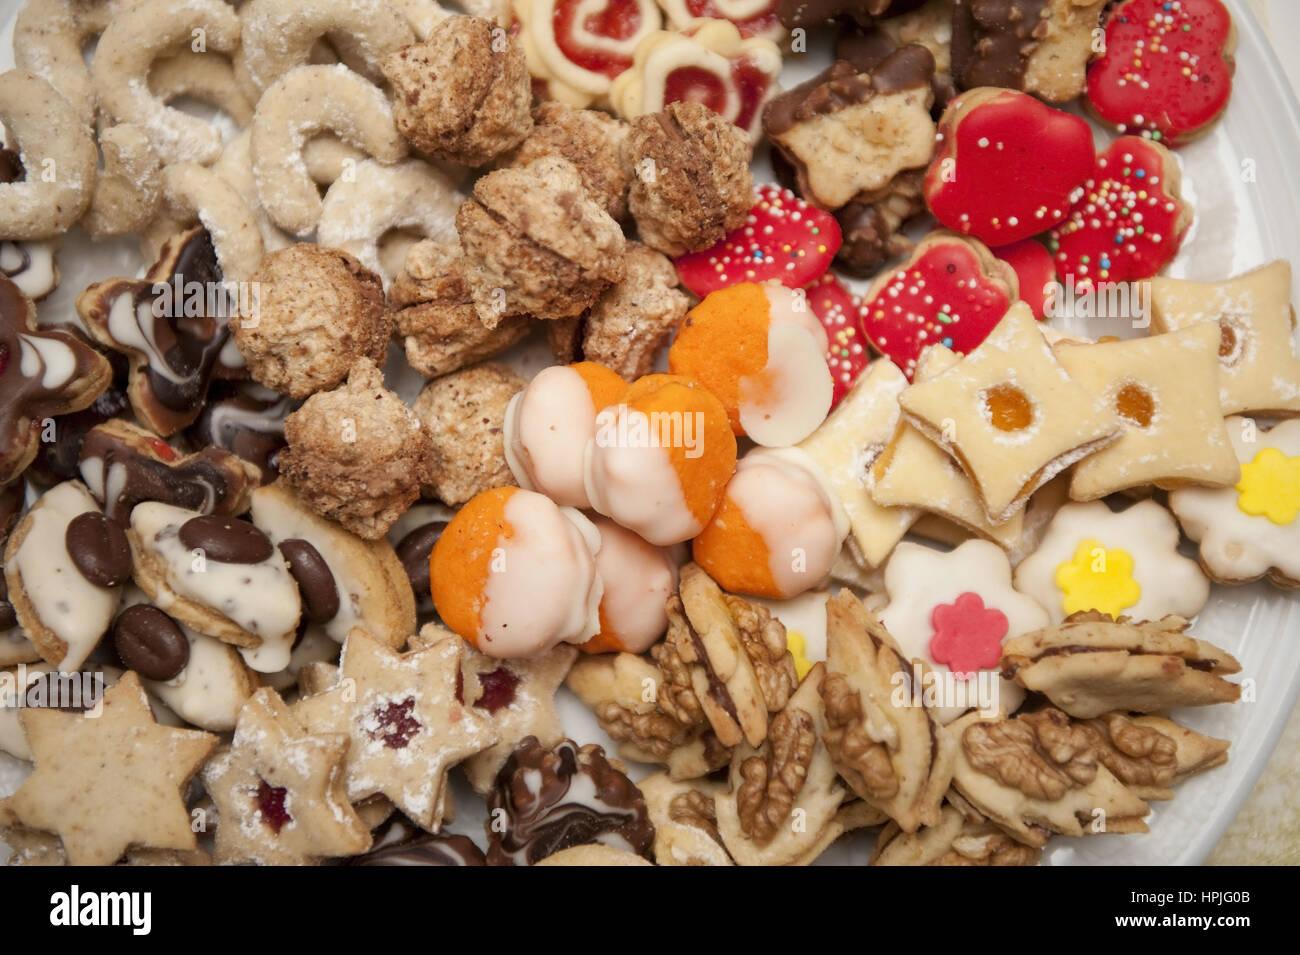 Kekse - cookies Stock Photo